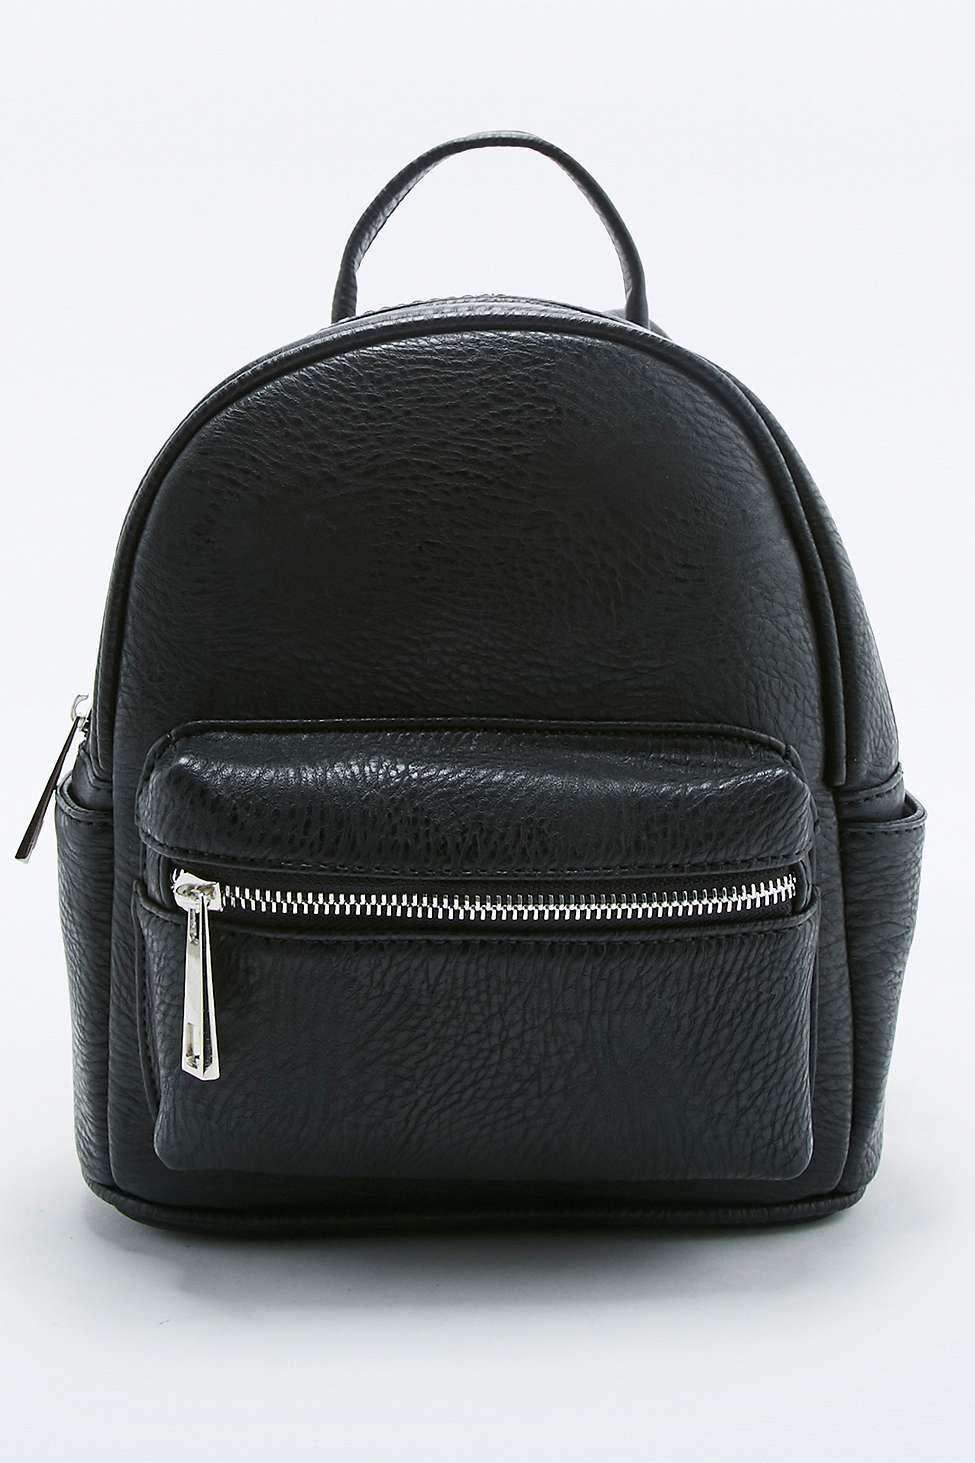 4e96b3e8e02 Mini Leather Backpack Urban Outfitters - CEAGESP